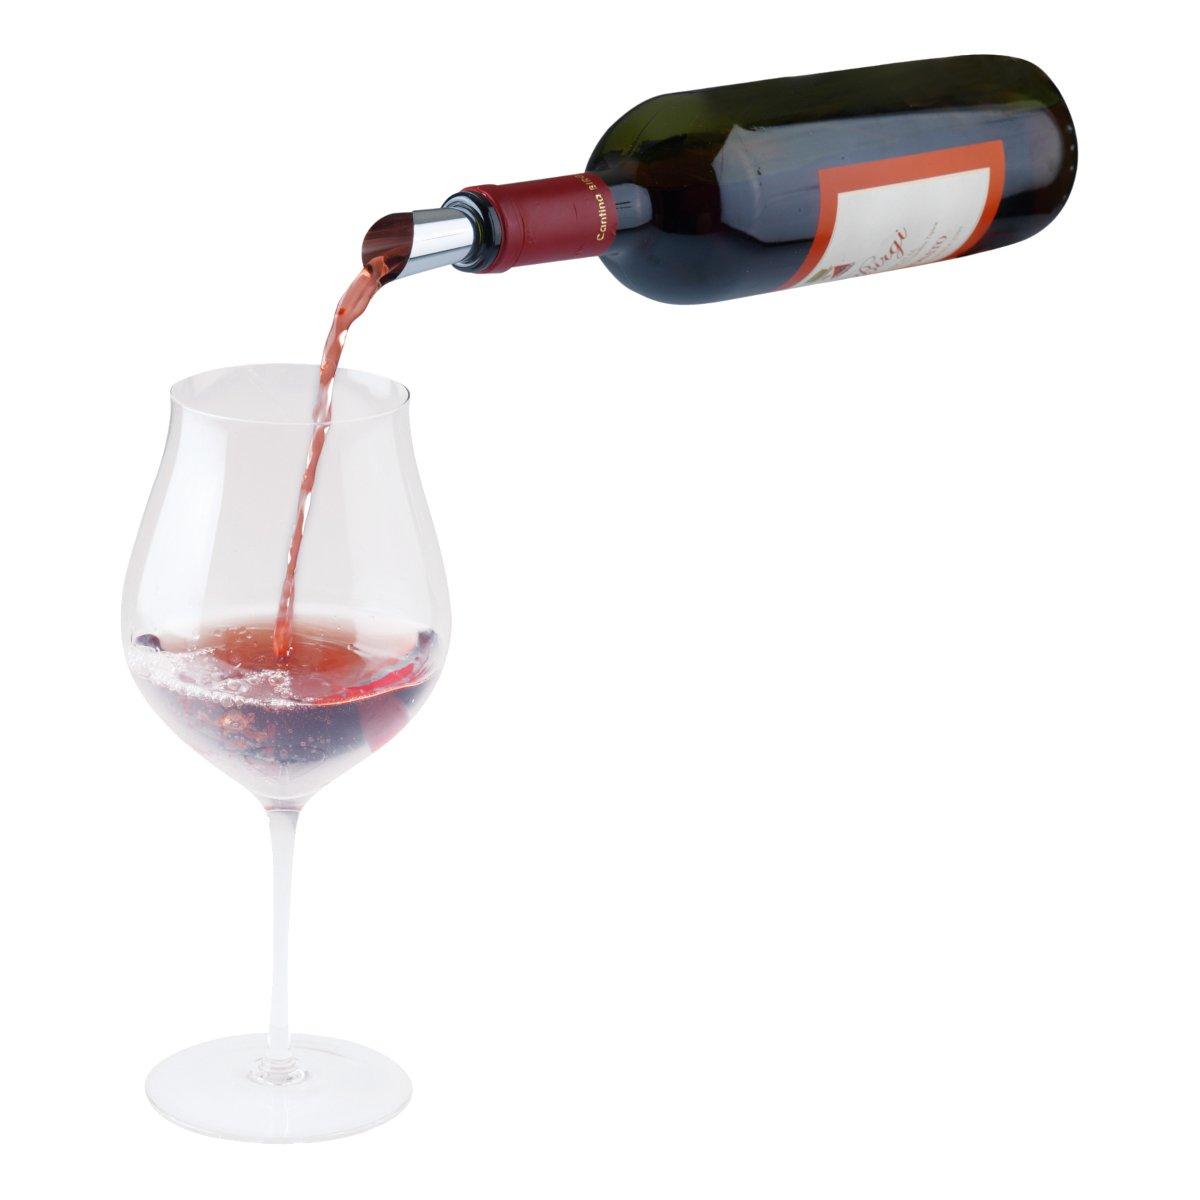 Πλαστική ροή σερβιρίσματος κρασιού σετ 3 τεμ